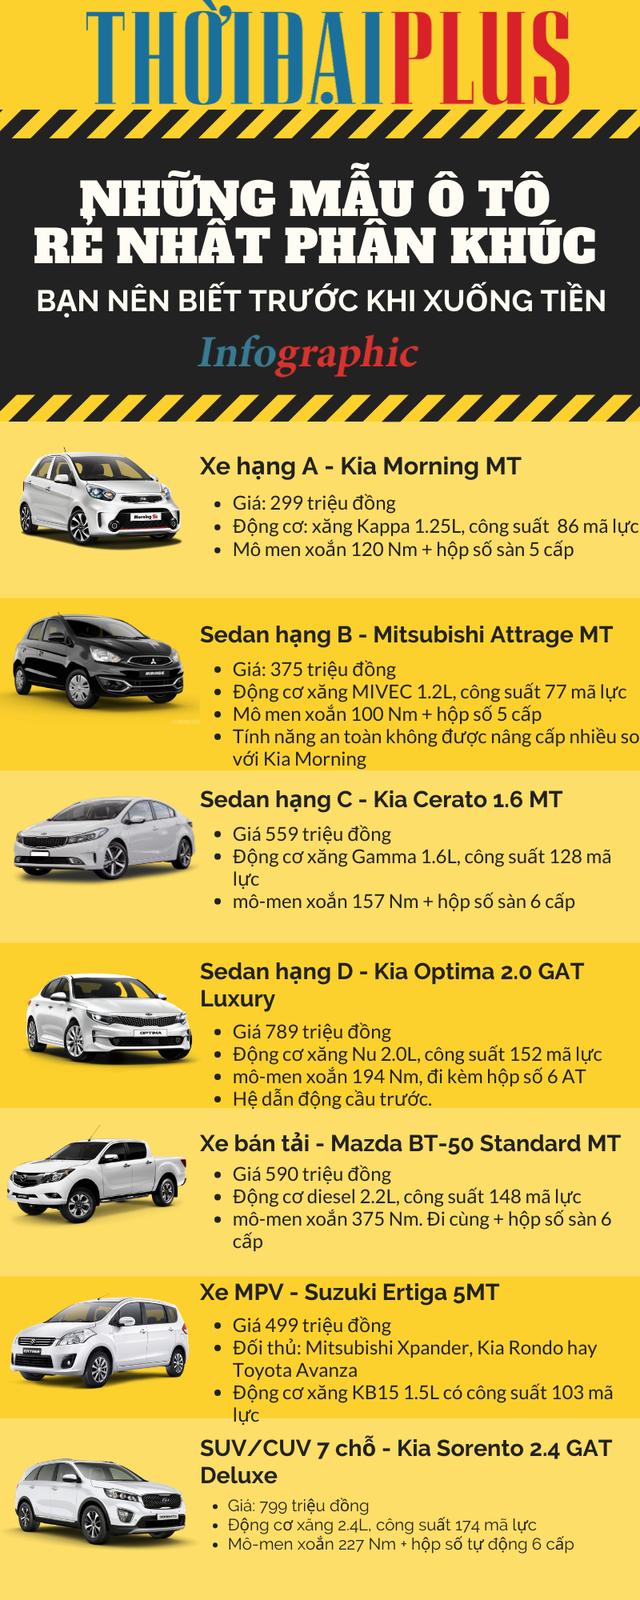 Những mẫu ô tô rẻ nhất phân khúc gia đình bạn nên biết trước khi xuống tiền - Ảnh 1.